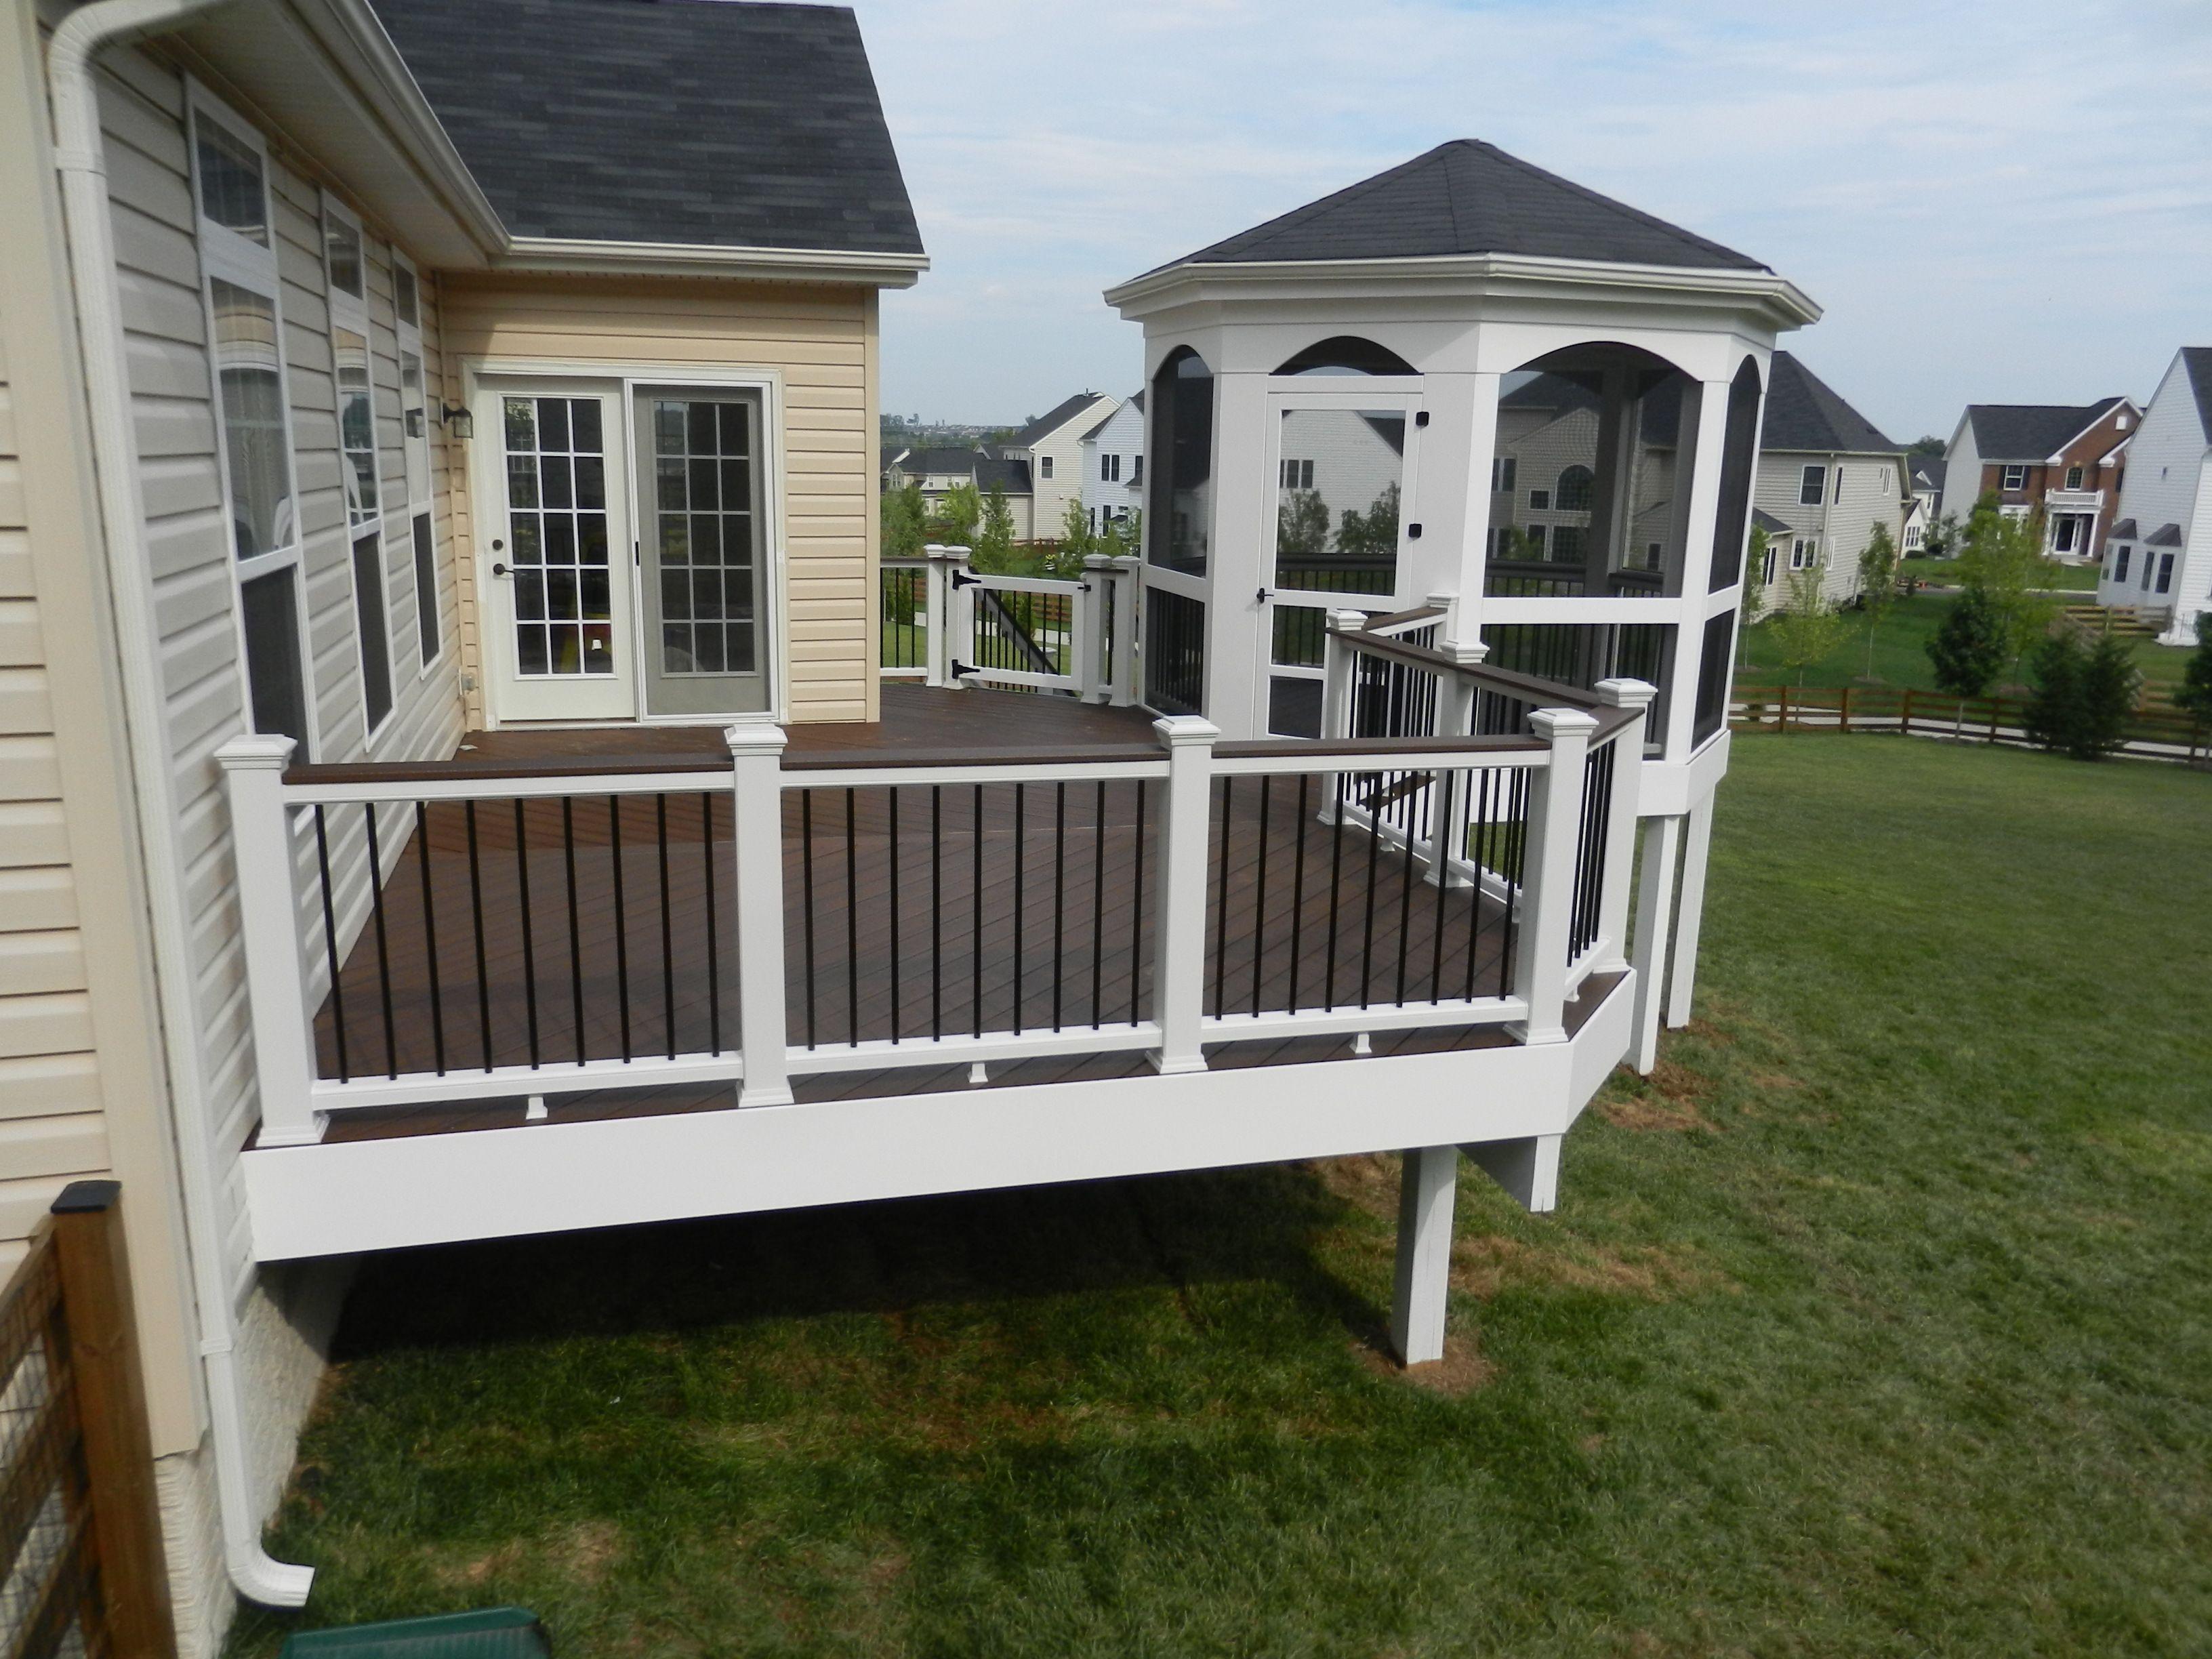 Virginia Deck And Patio Building A Deck Deck Diy Deck